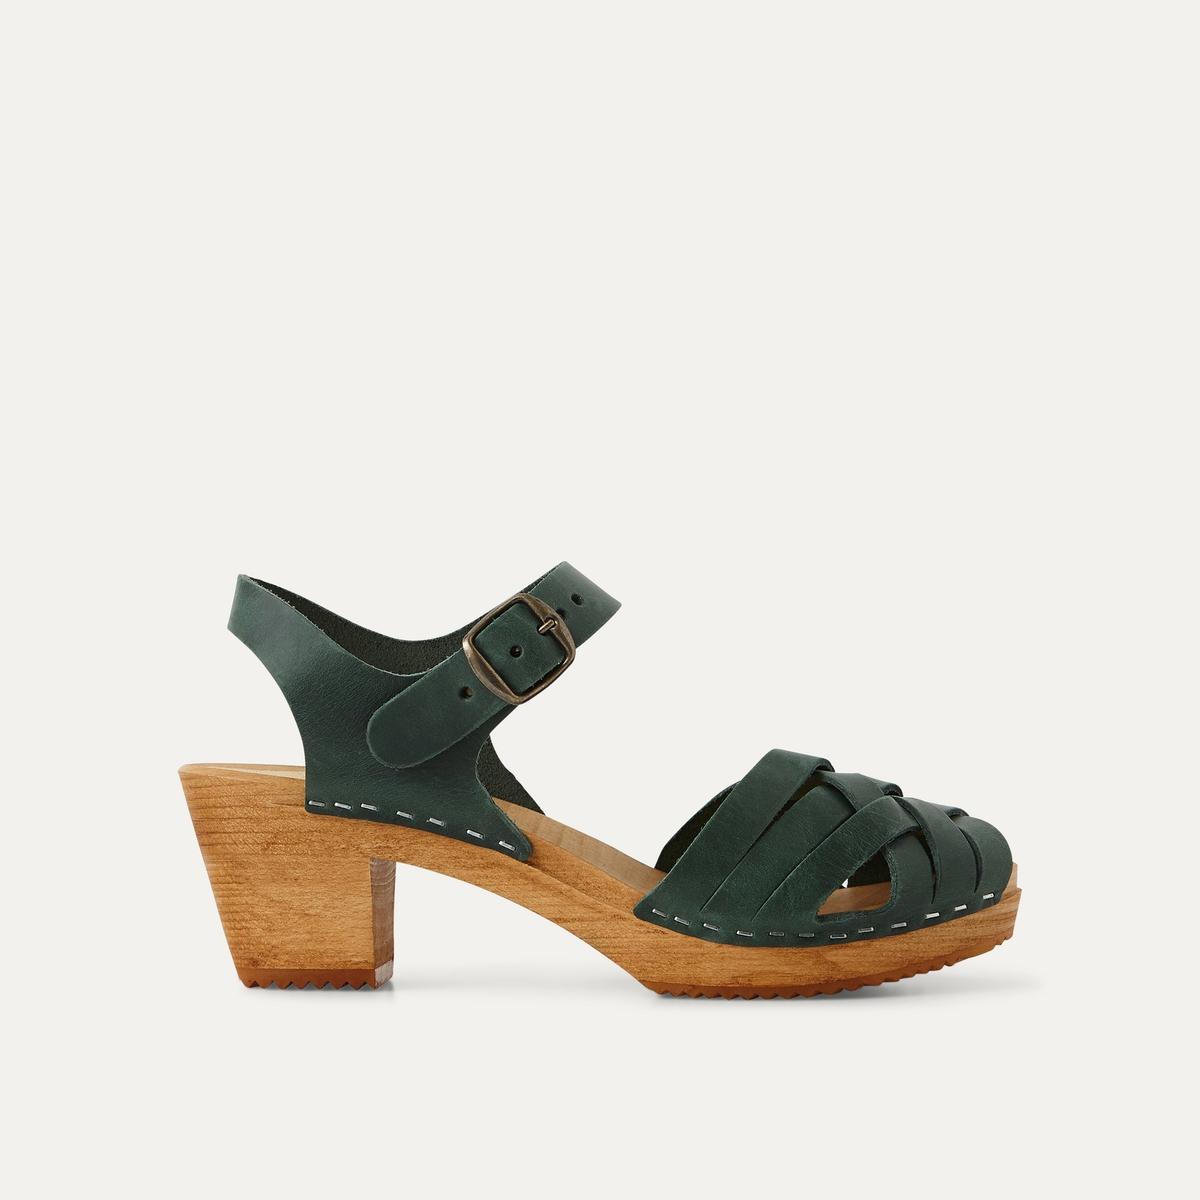 Босоножки кожаныеДетали  •  Широкий каблук •  Застежка : ремешок/пряжка •  Открытый мысок •  Гладкая отделкаСостав и уход  •  Верх 100% кожа<br><br>Цвет: зеленый,черный